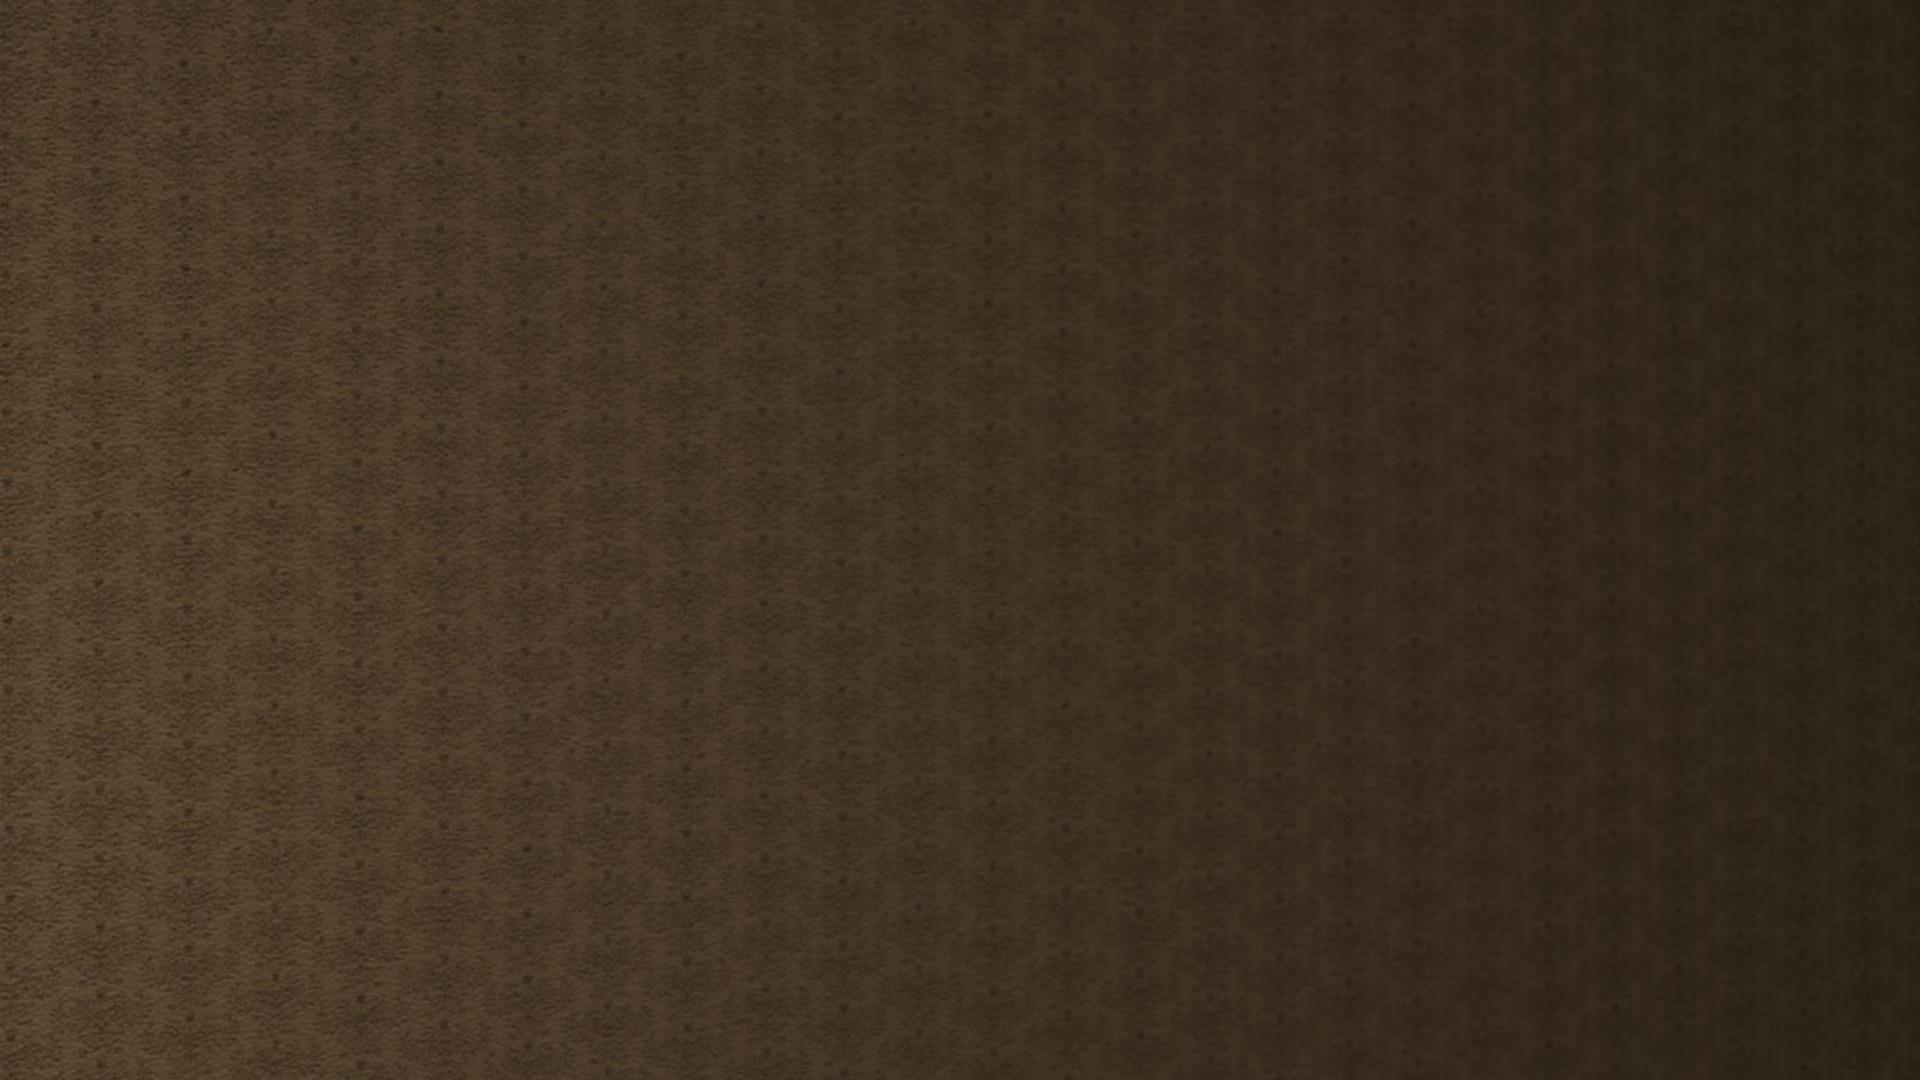 19201080 brown pattern wallpaper a brown pattern desktop wallpaper 1920x1080